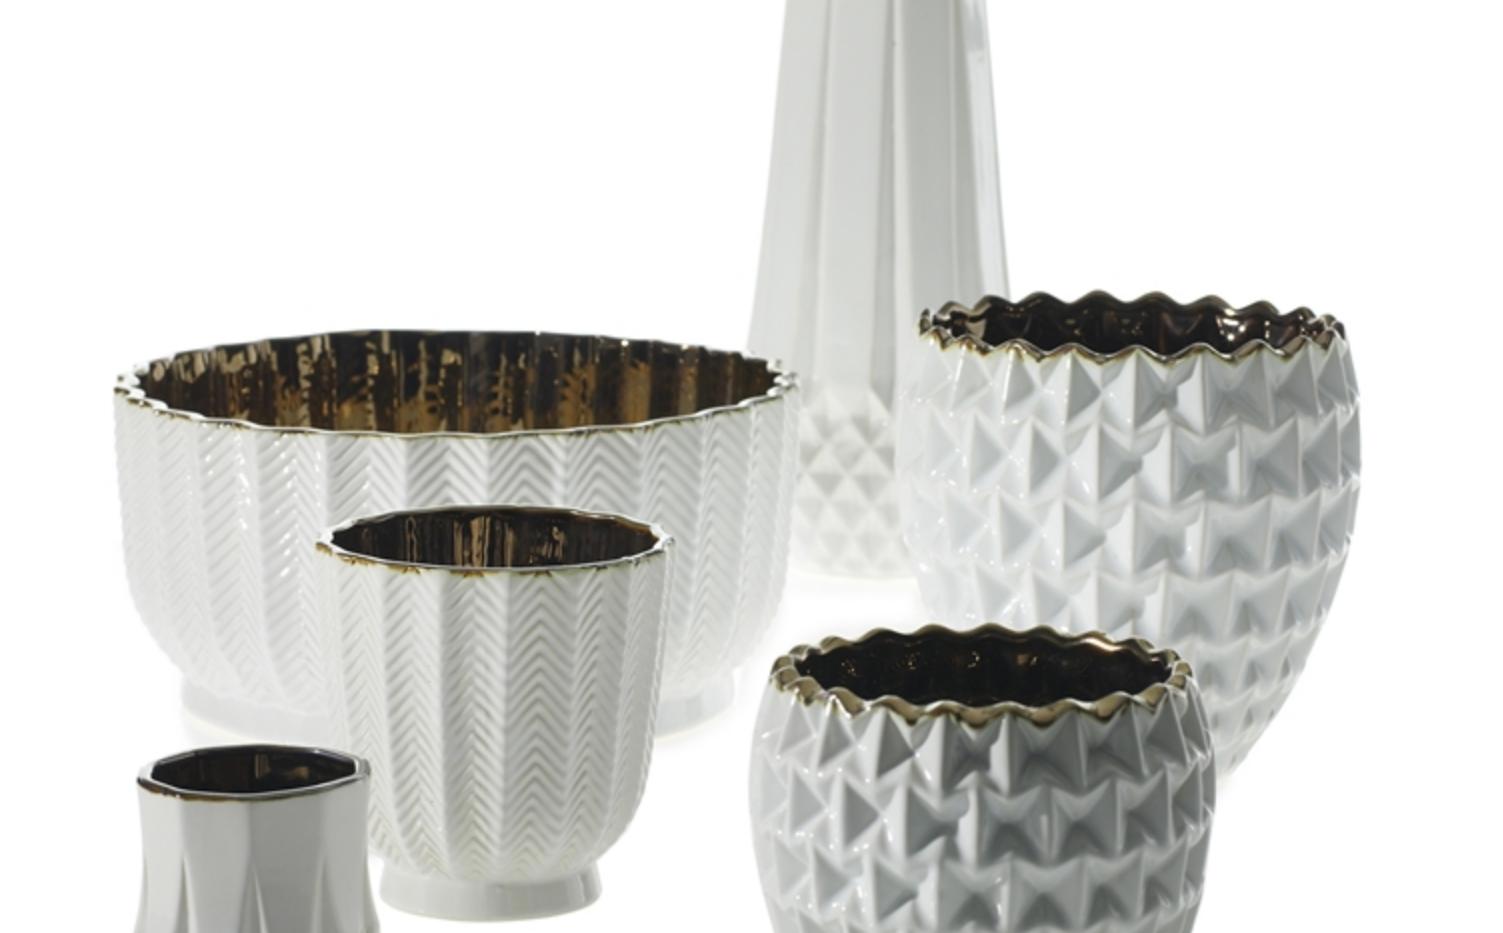 Melrose Floral Vases